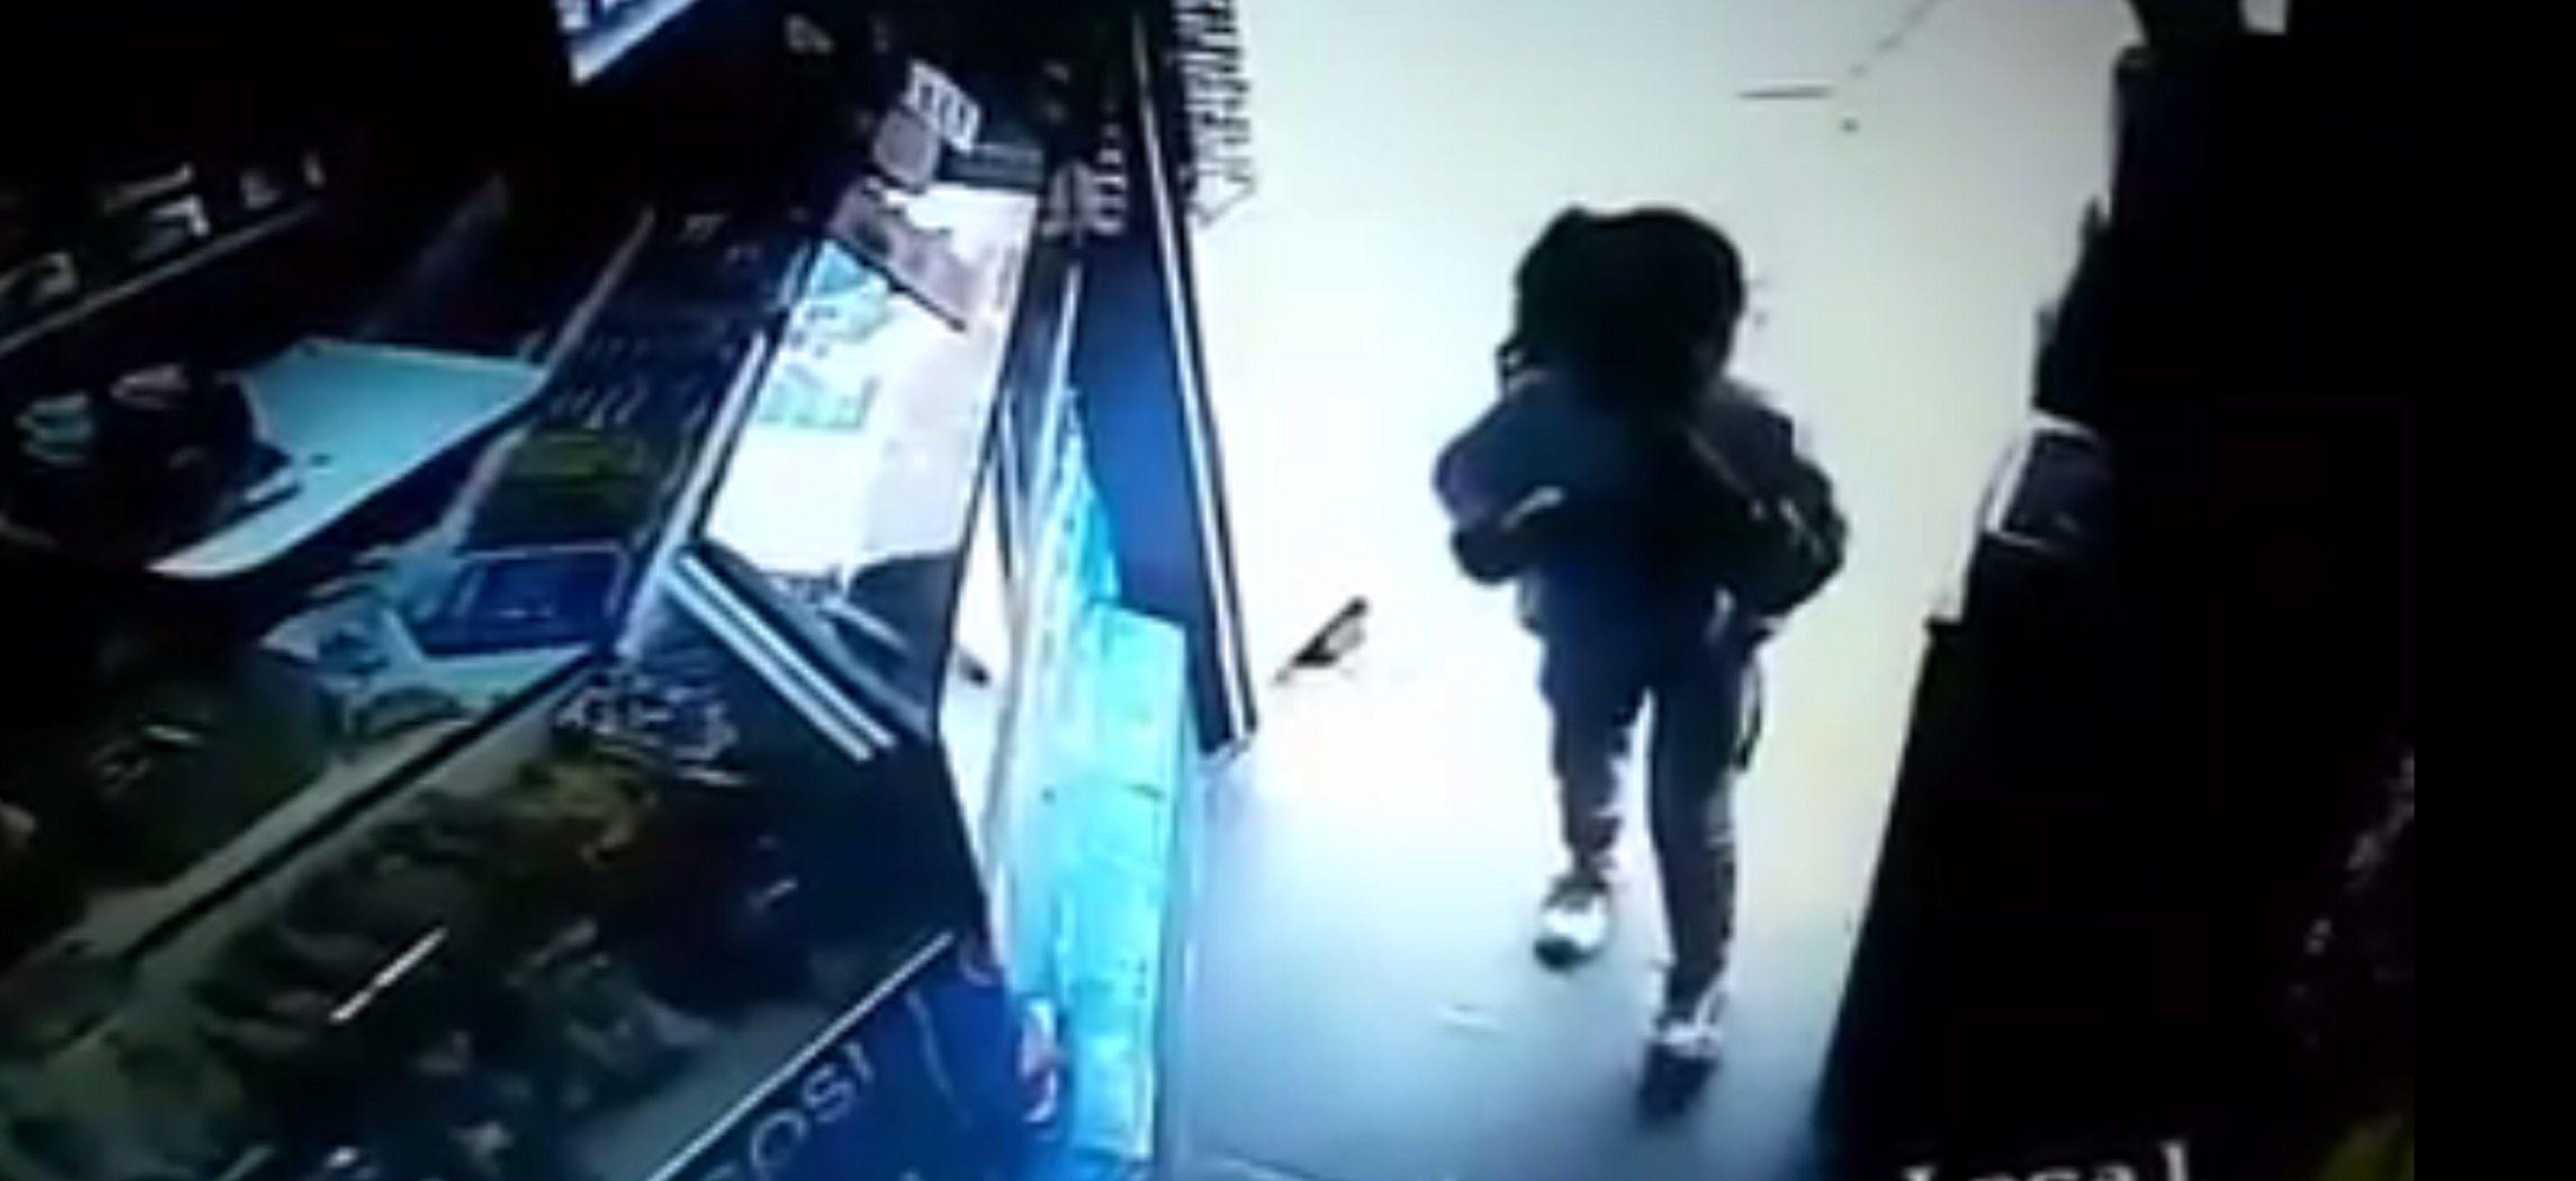 Niños entran a robar a un kiosco en Flores